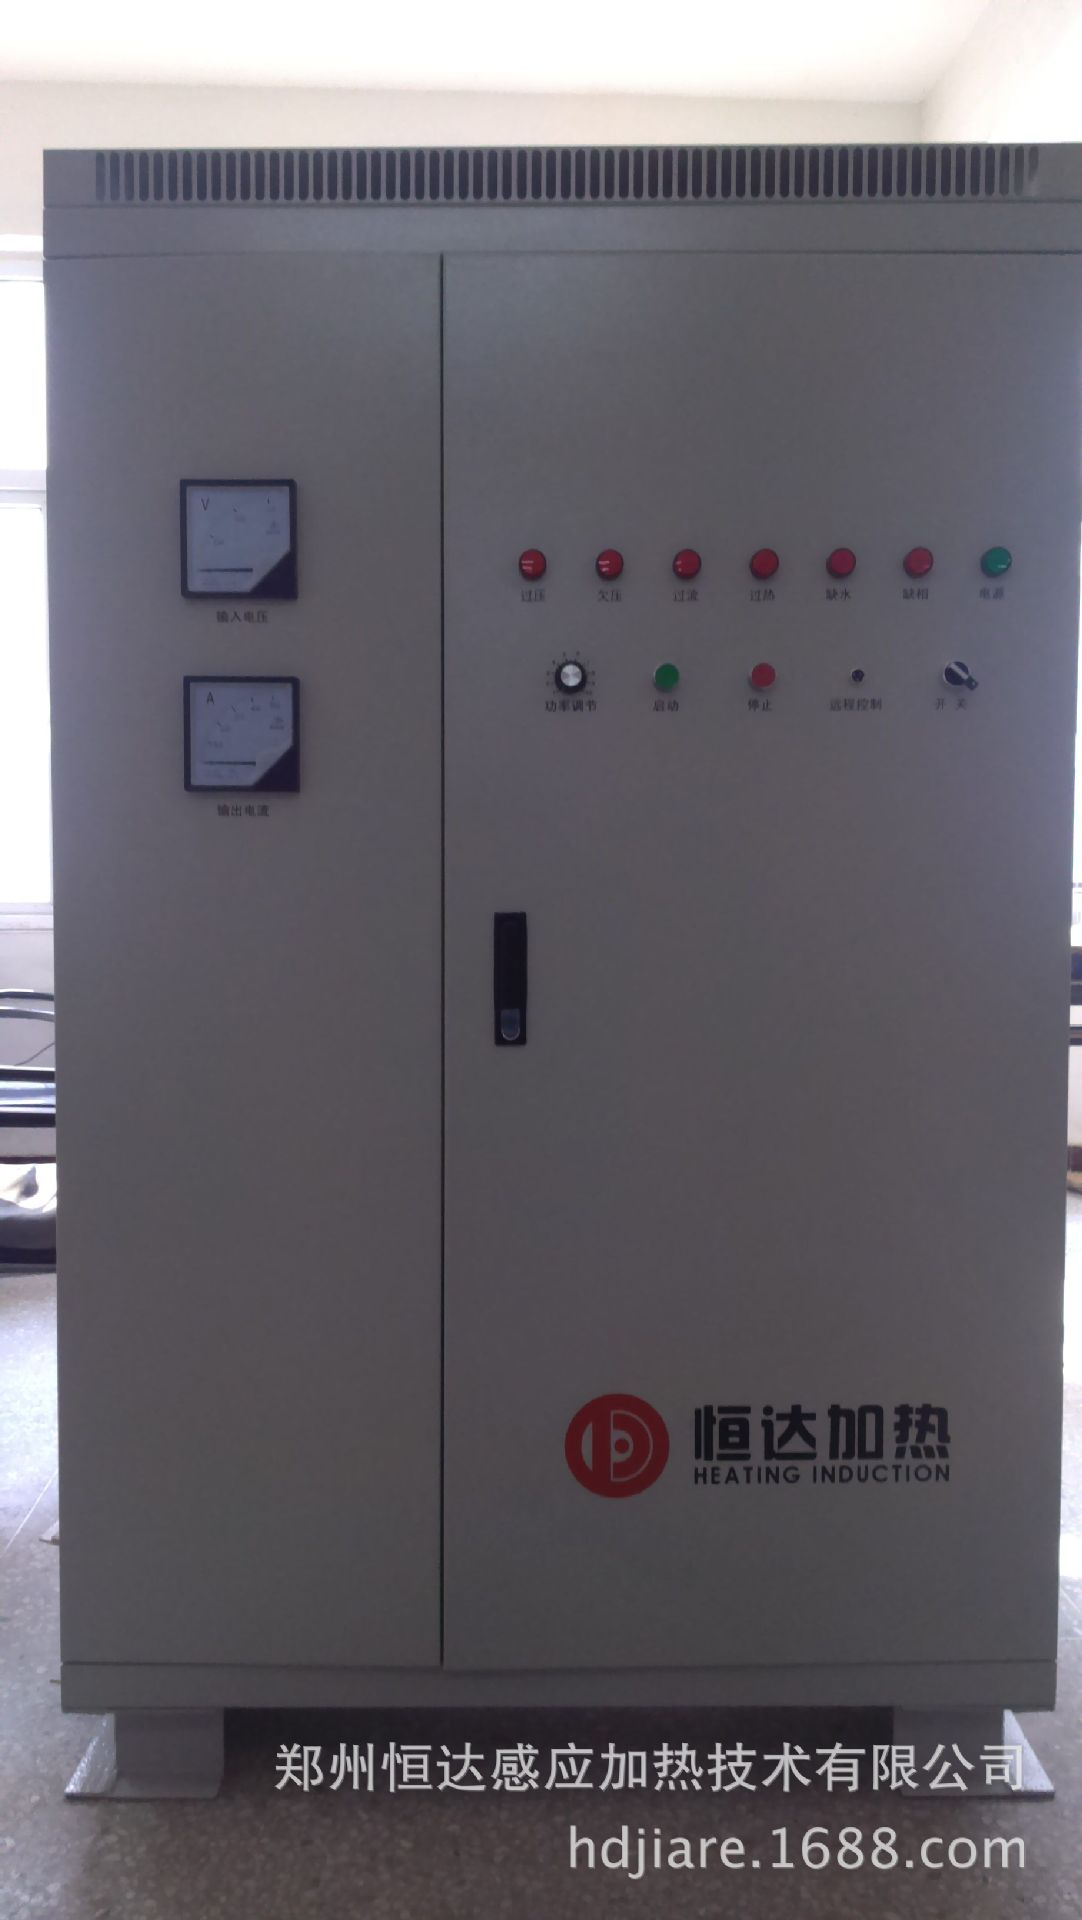 恒达加热|250KW超音频感应加热设备|主要用于锻造|淬火等方面